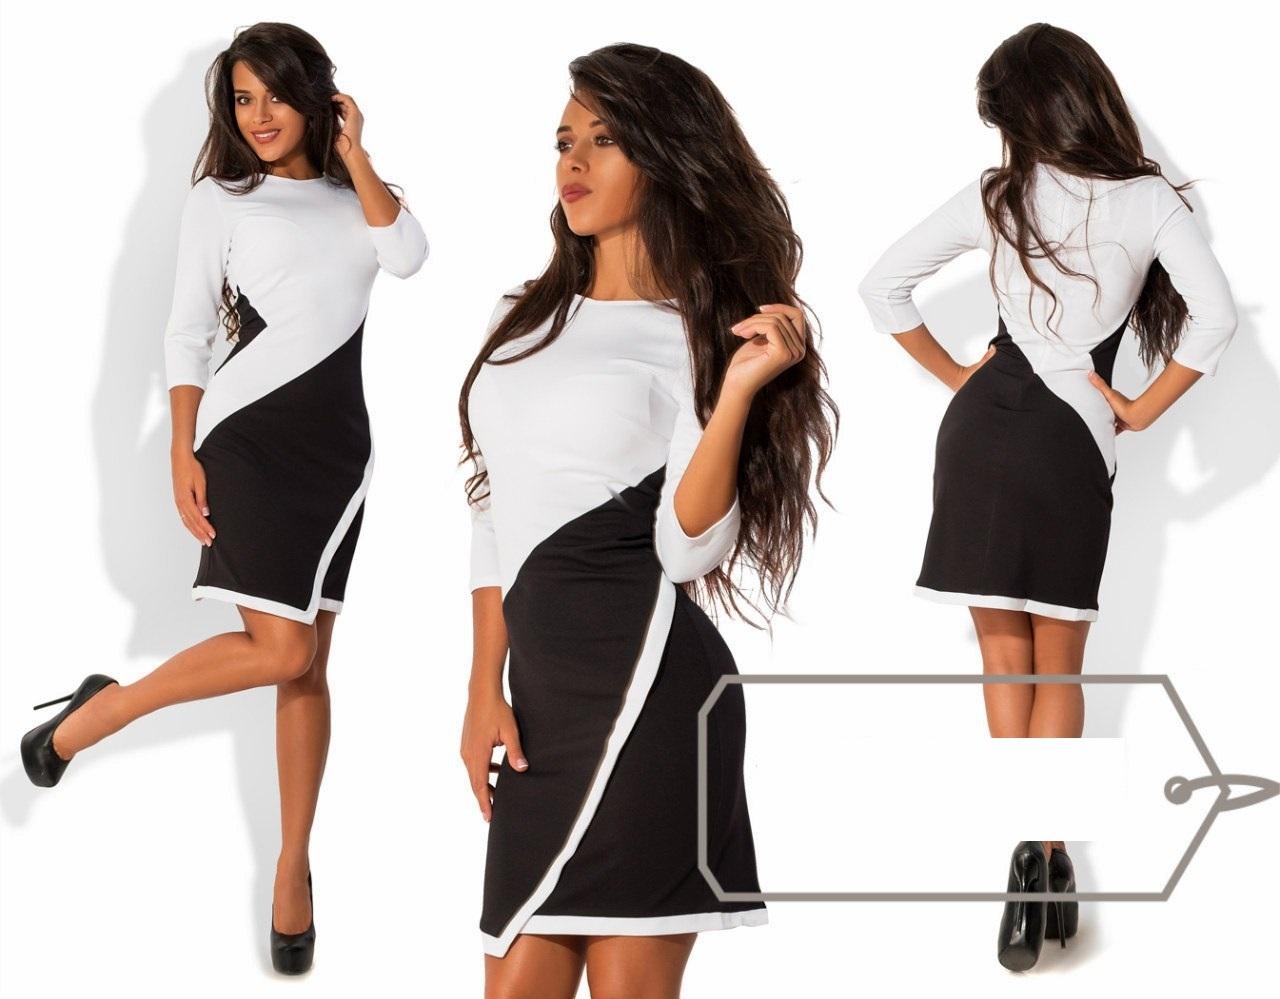 Рекомендую. Сбор заказов. ПЛАТЬЯ!!! Стильная, молодежная, элегантная одежда от 36-56 размера. Выкуп 1